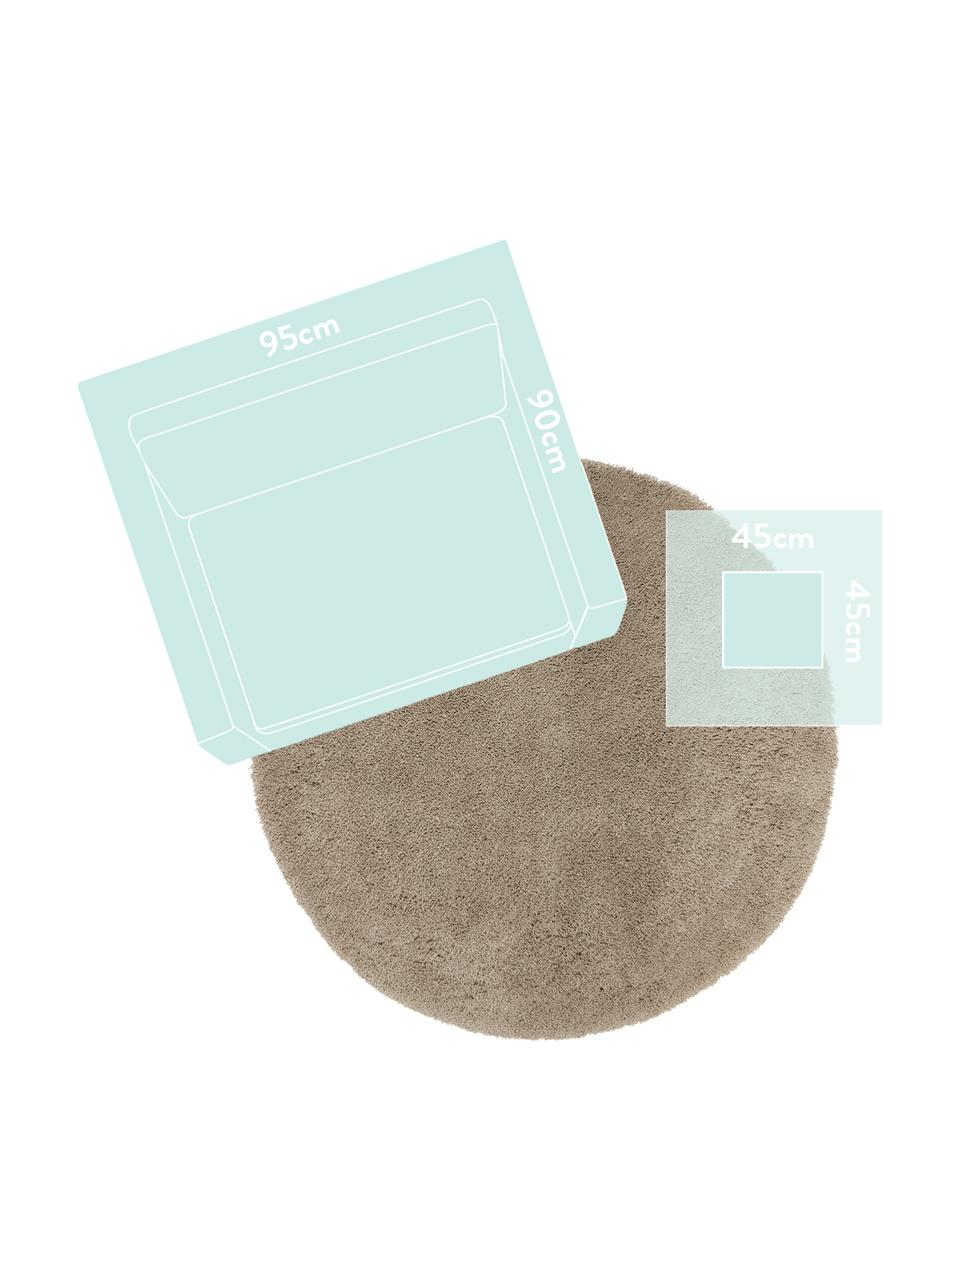 Pluizig rond hoogpolig vloerkleed Leighton in beige, Bovenzijde: 100% polyester (microveze, Onderzijde: 70% polyester, 30% katoen, Beige-bruin, Ø 200 cm (maat L)